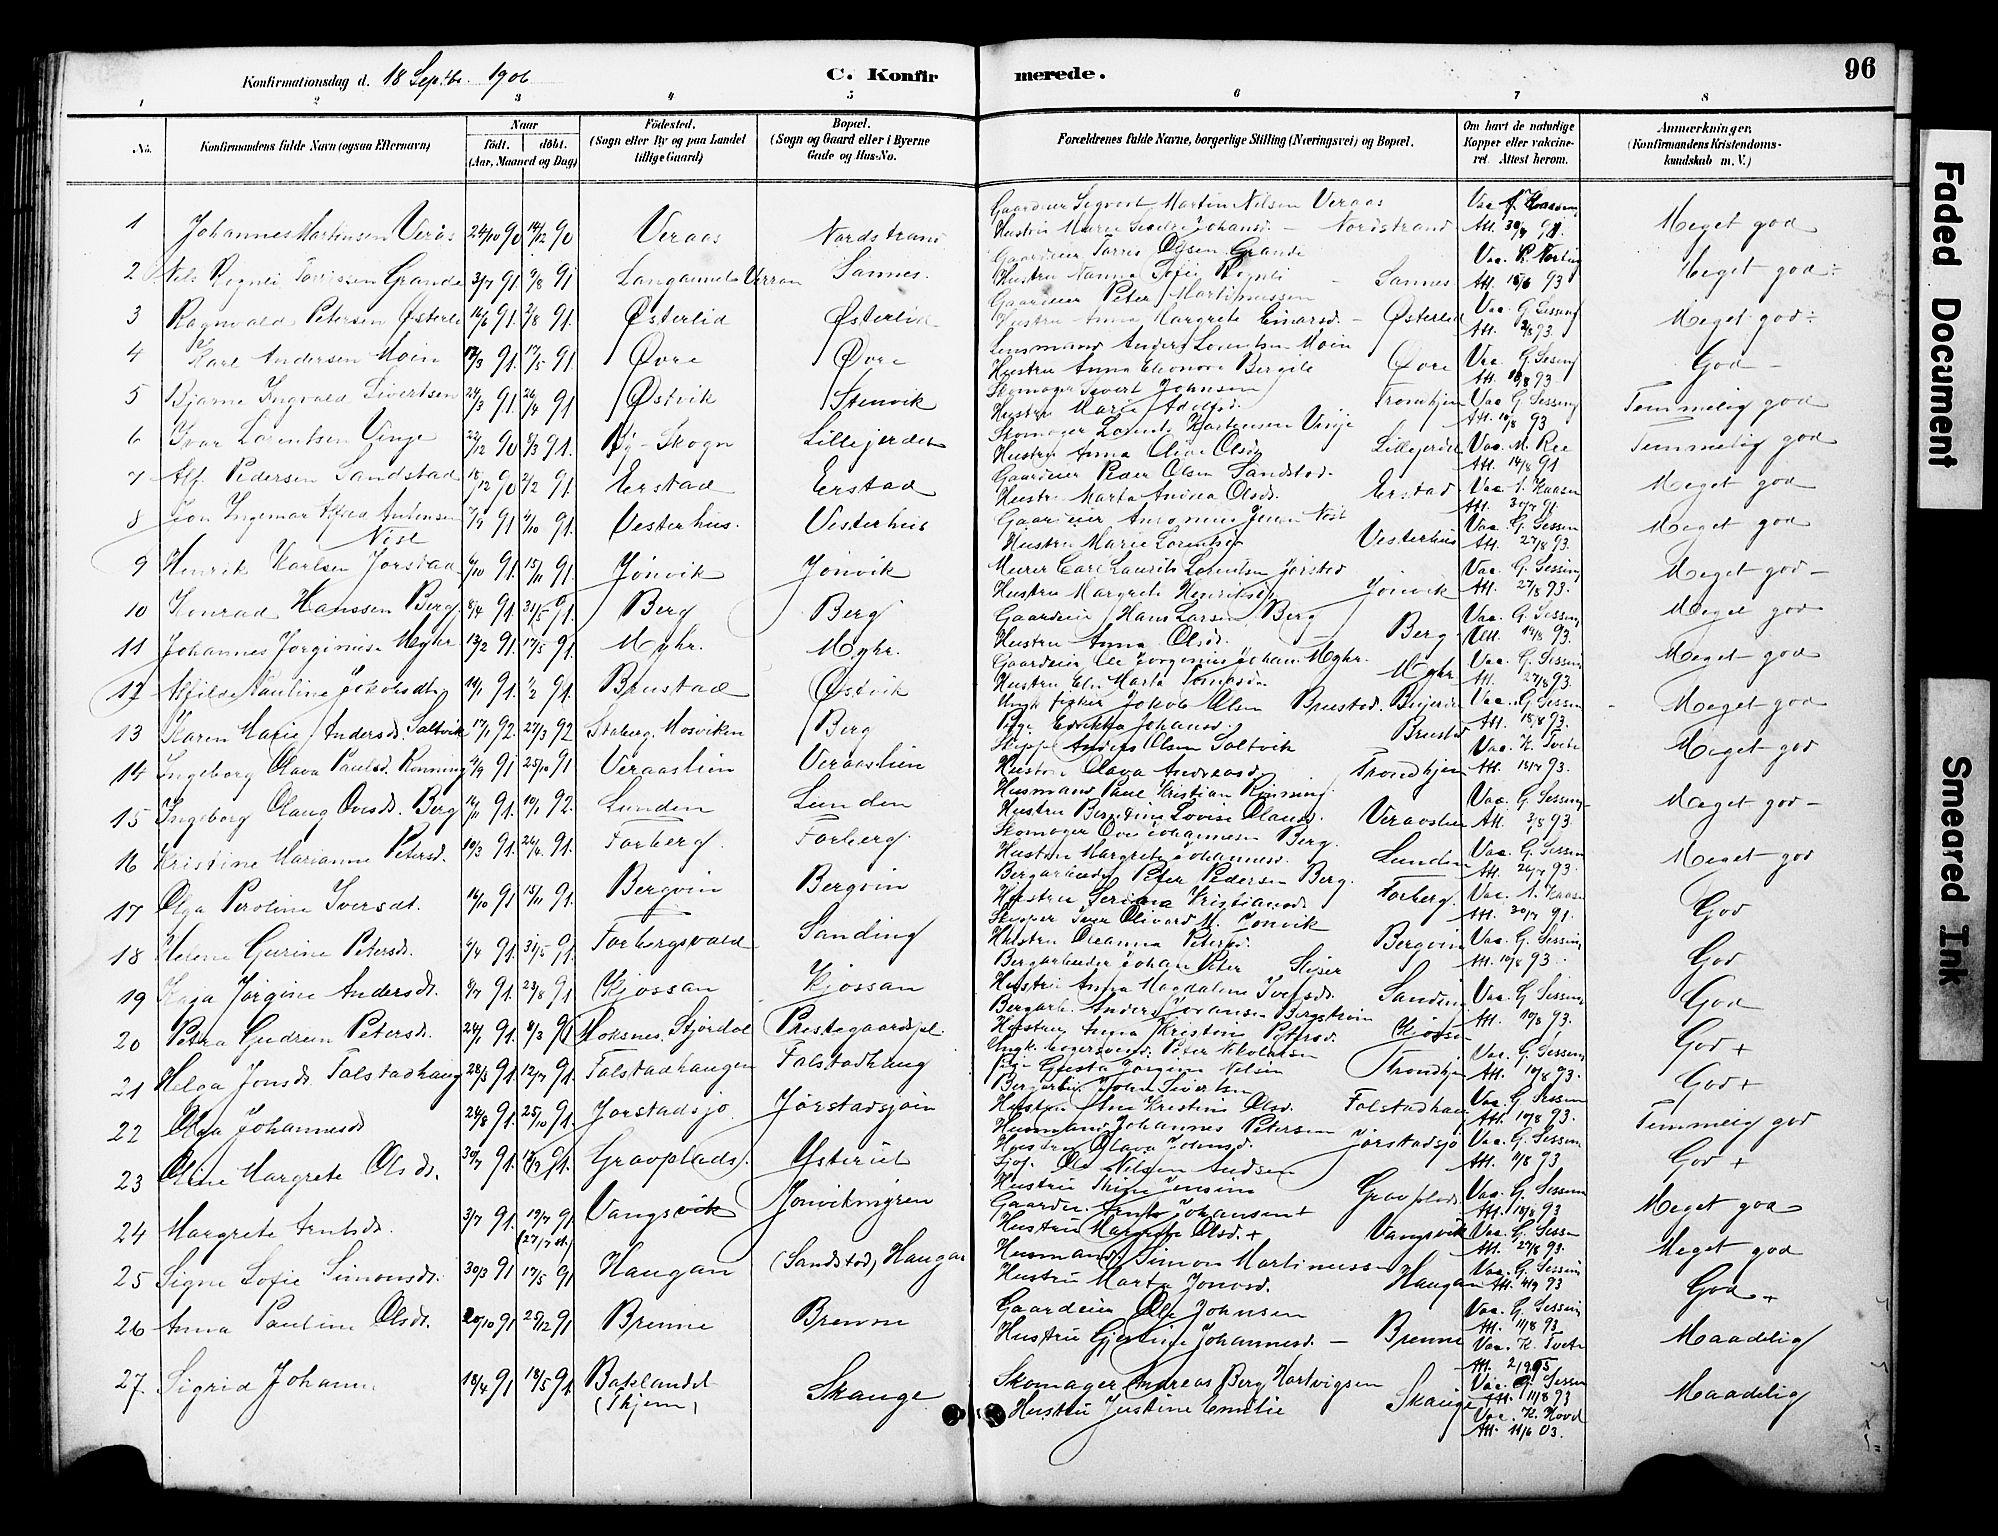 SAT, Ministerialprotokoller, klokkerbøker og fødselsregistre - Nord-Trøndelag, 722/L0226: Klokkerbok nr. 722C02, 1889-1927, s. 96